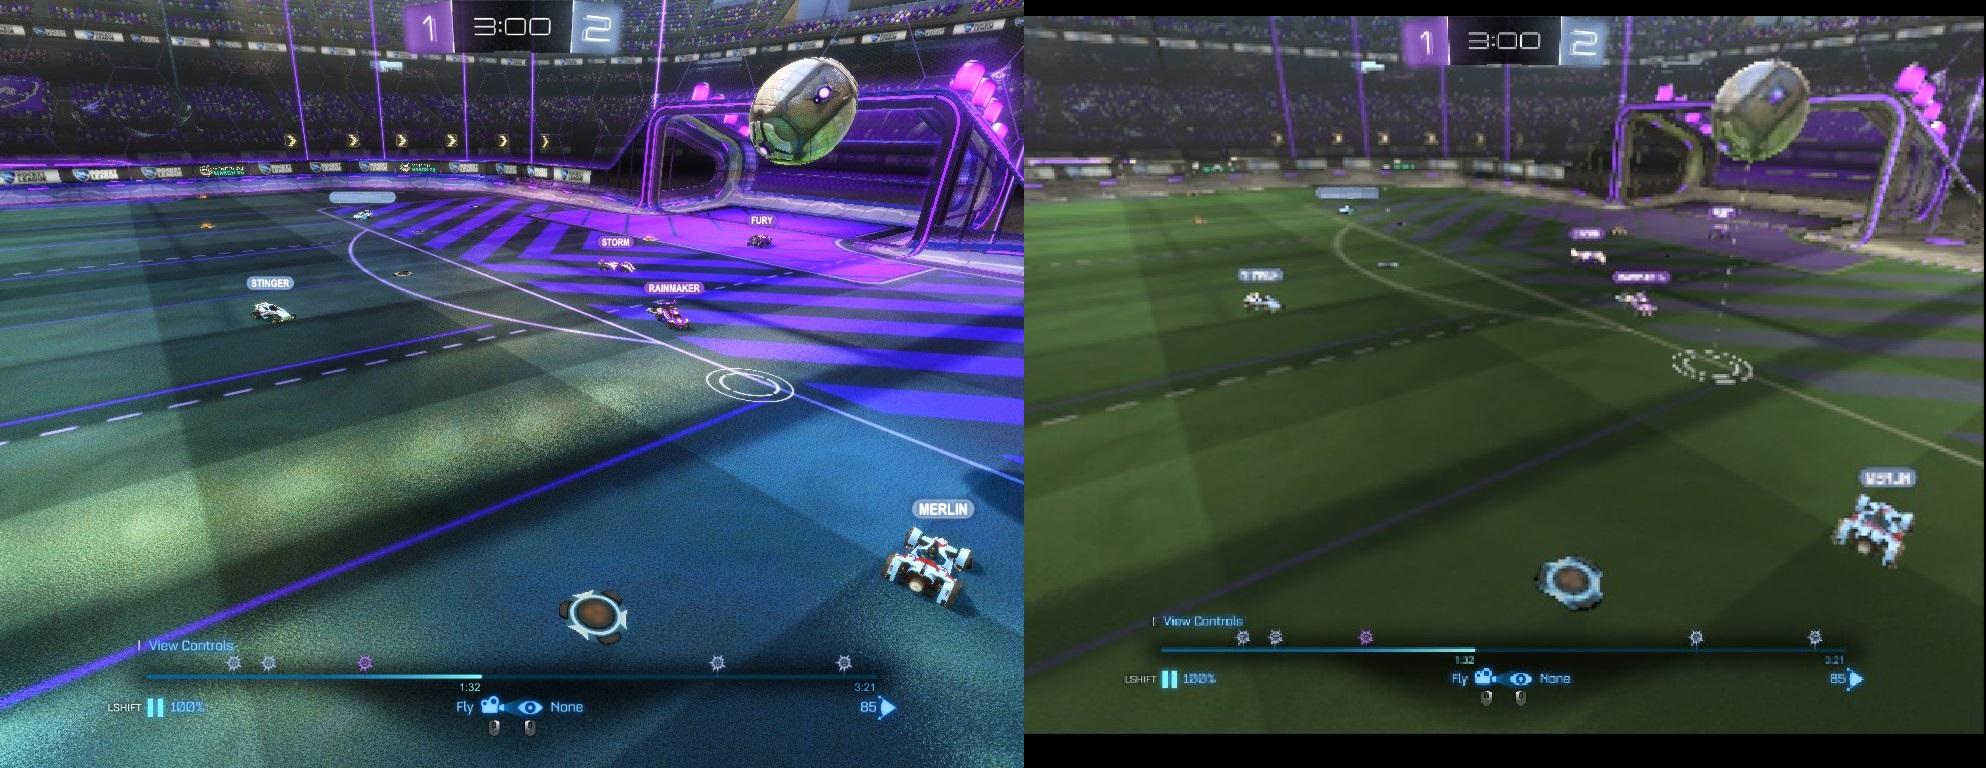 overshoulder goal both